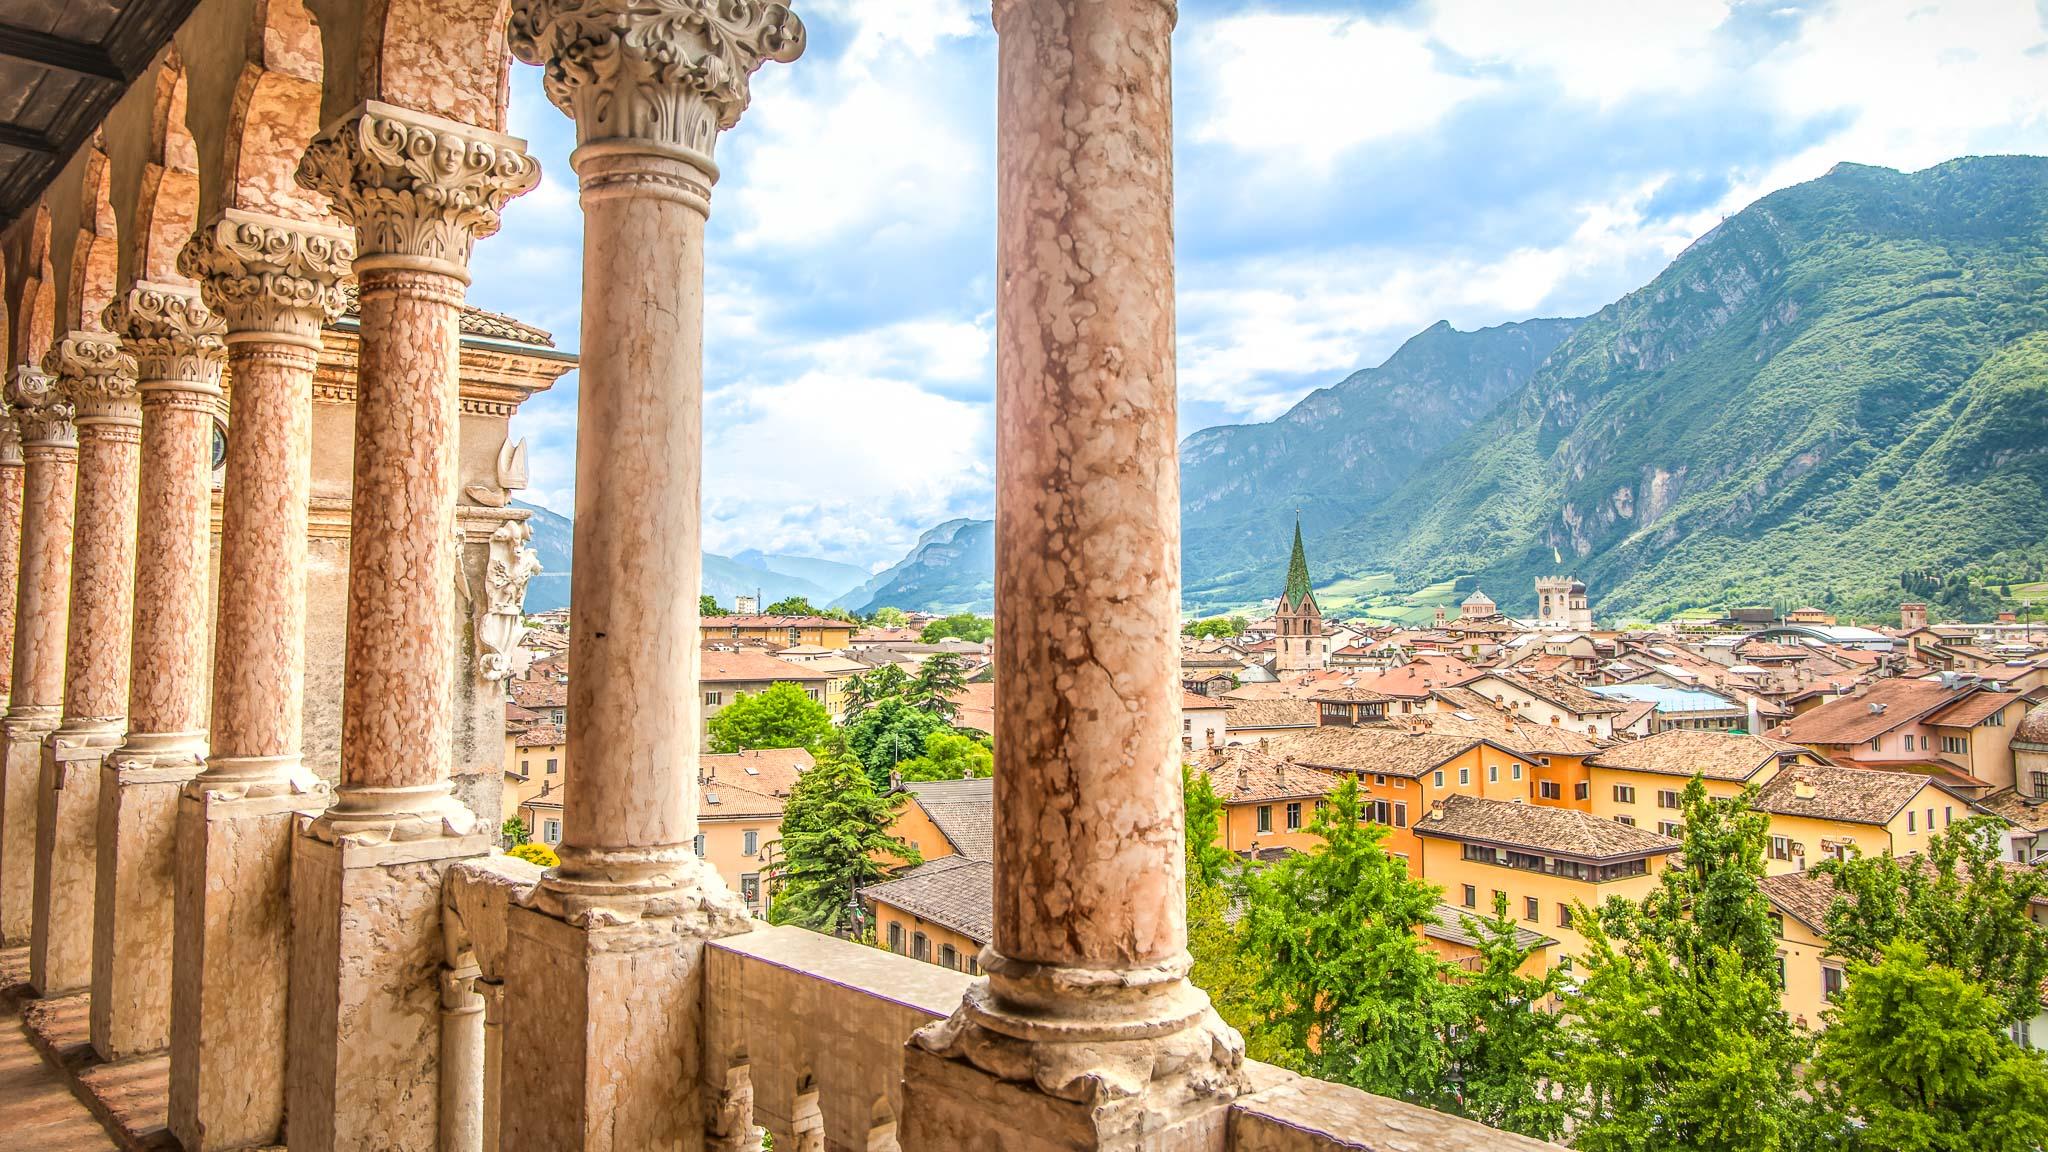 Vistas desde el Castillo de Buonconsiglio